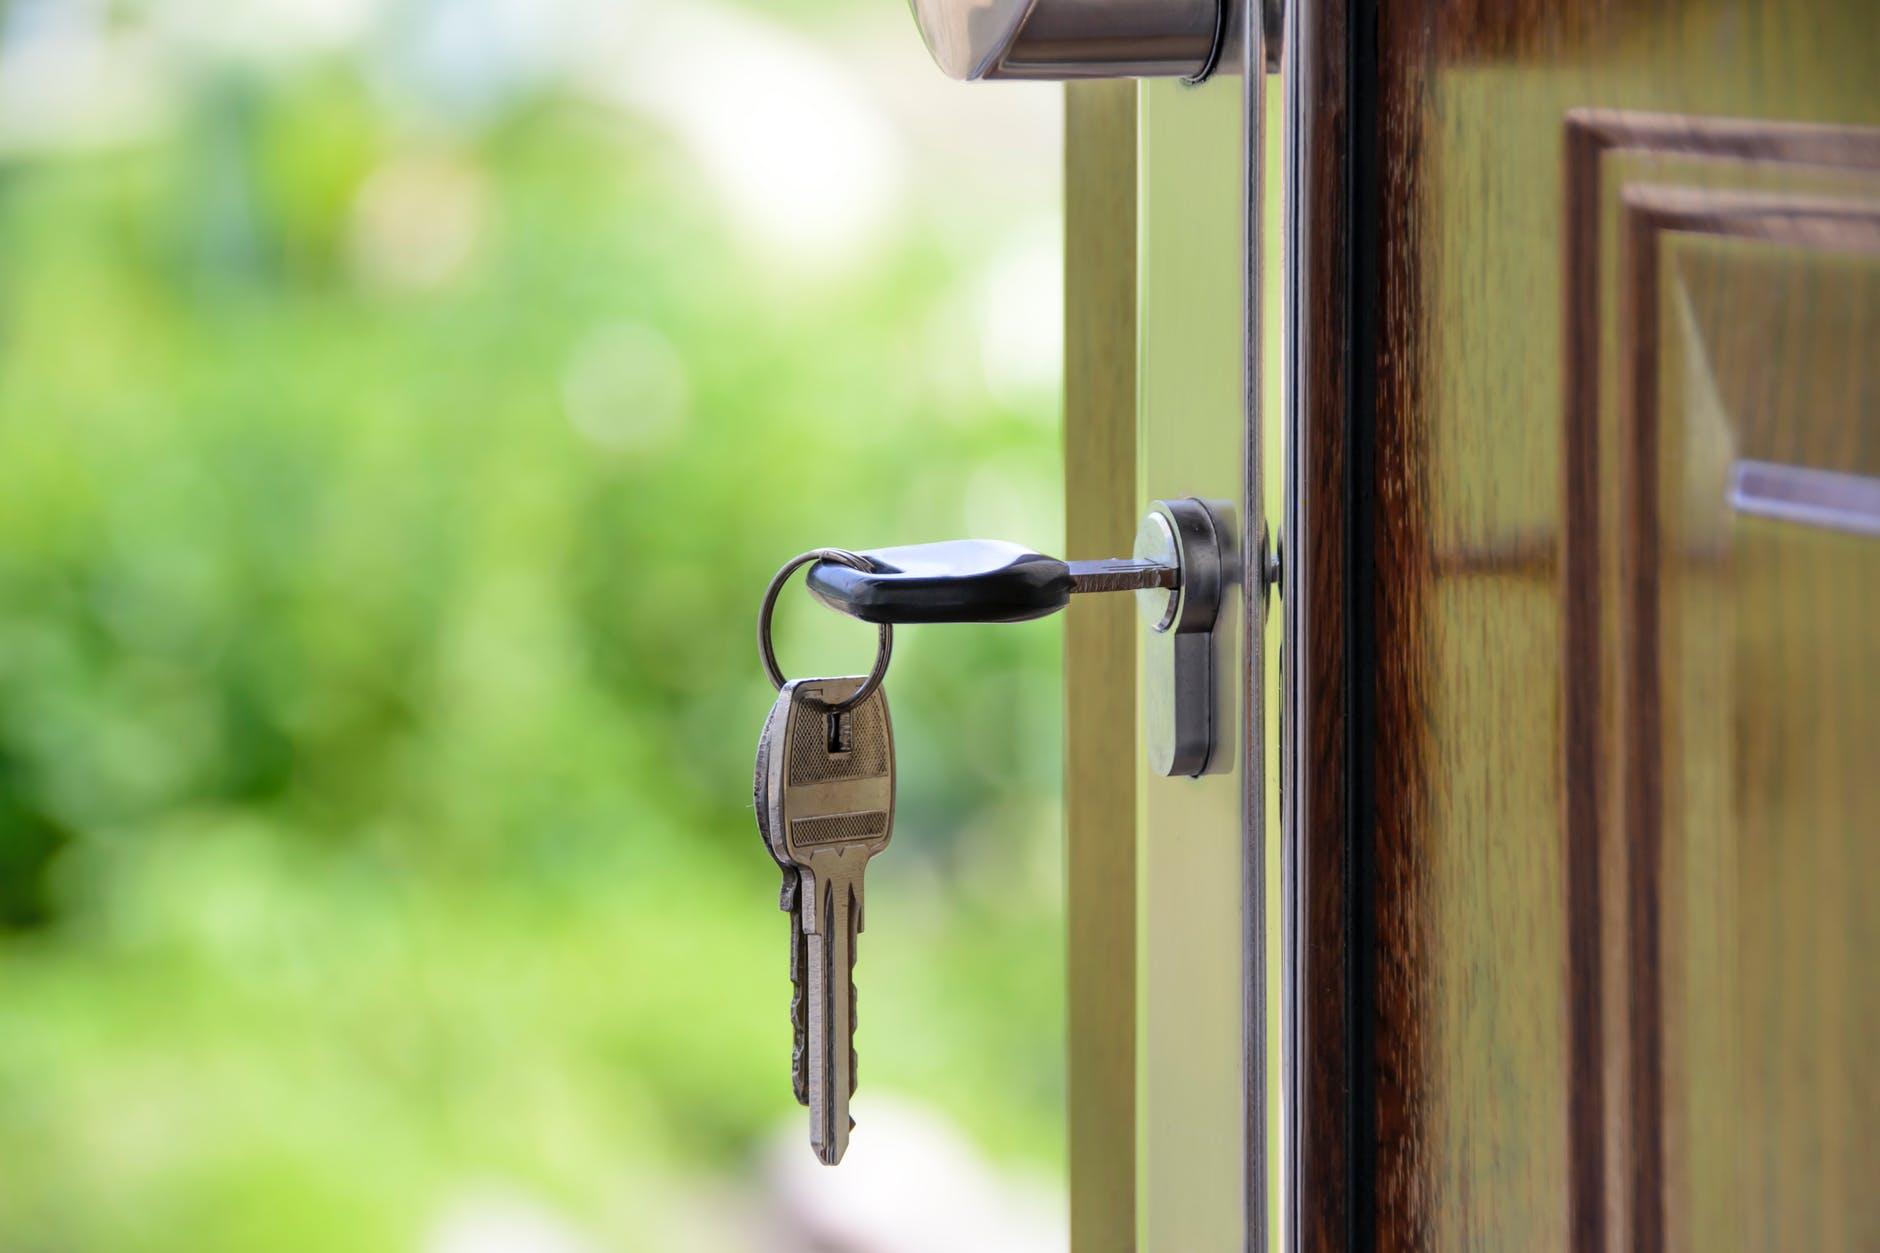 Venda de imóveis: imobiliária e seus benefícios